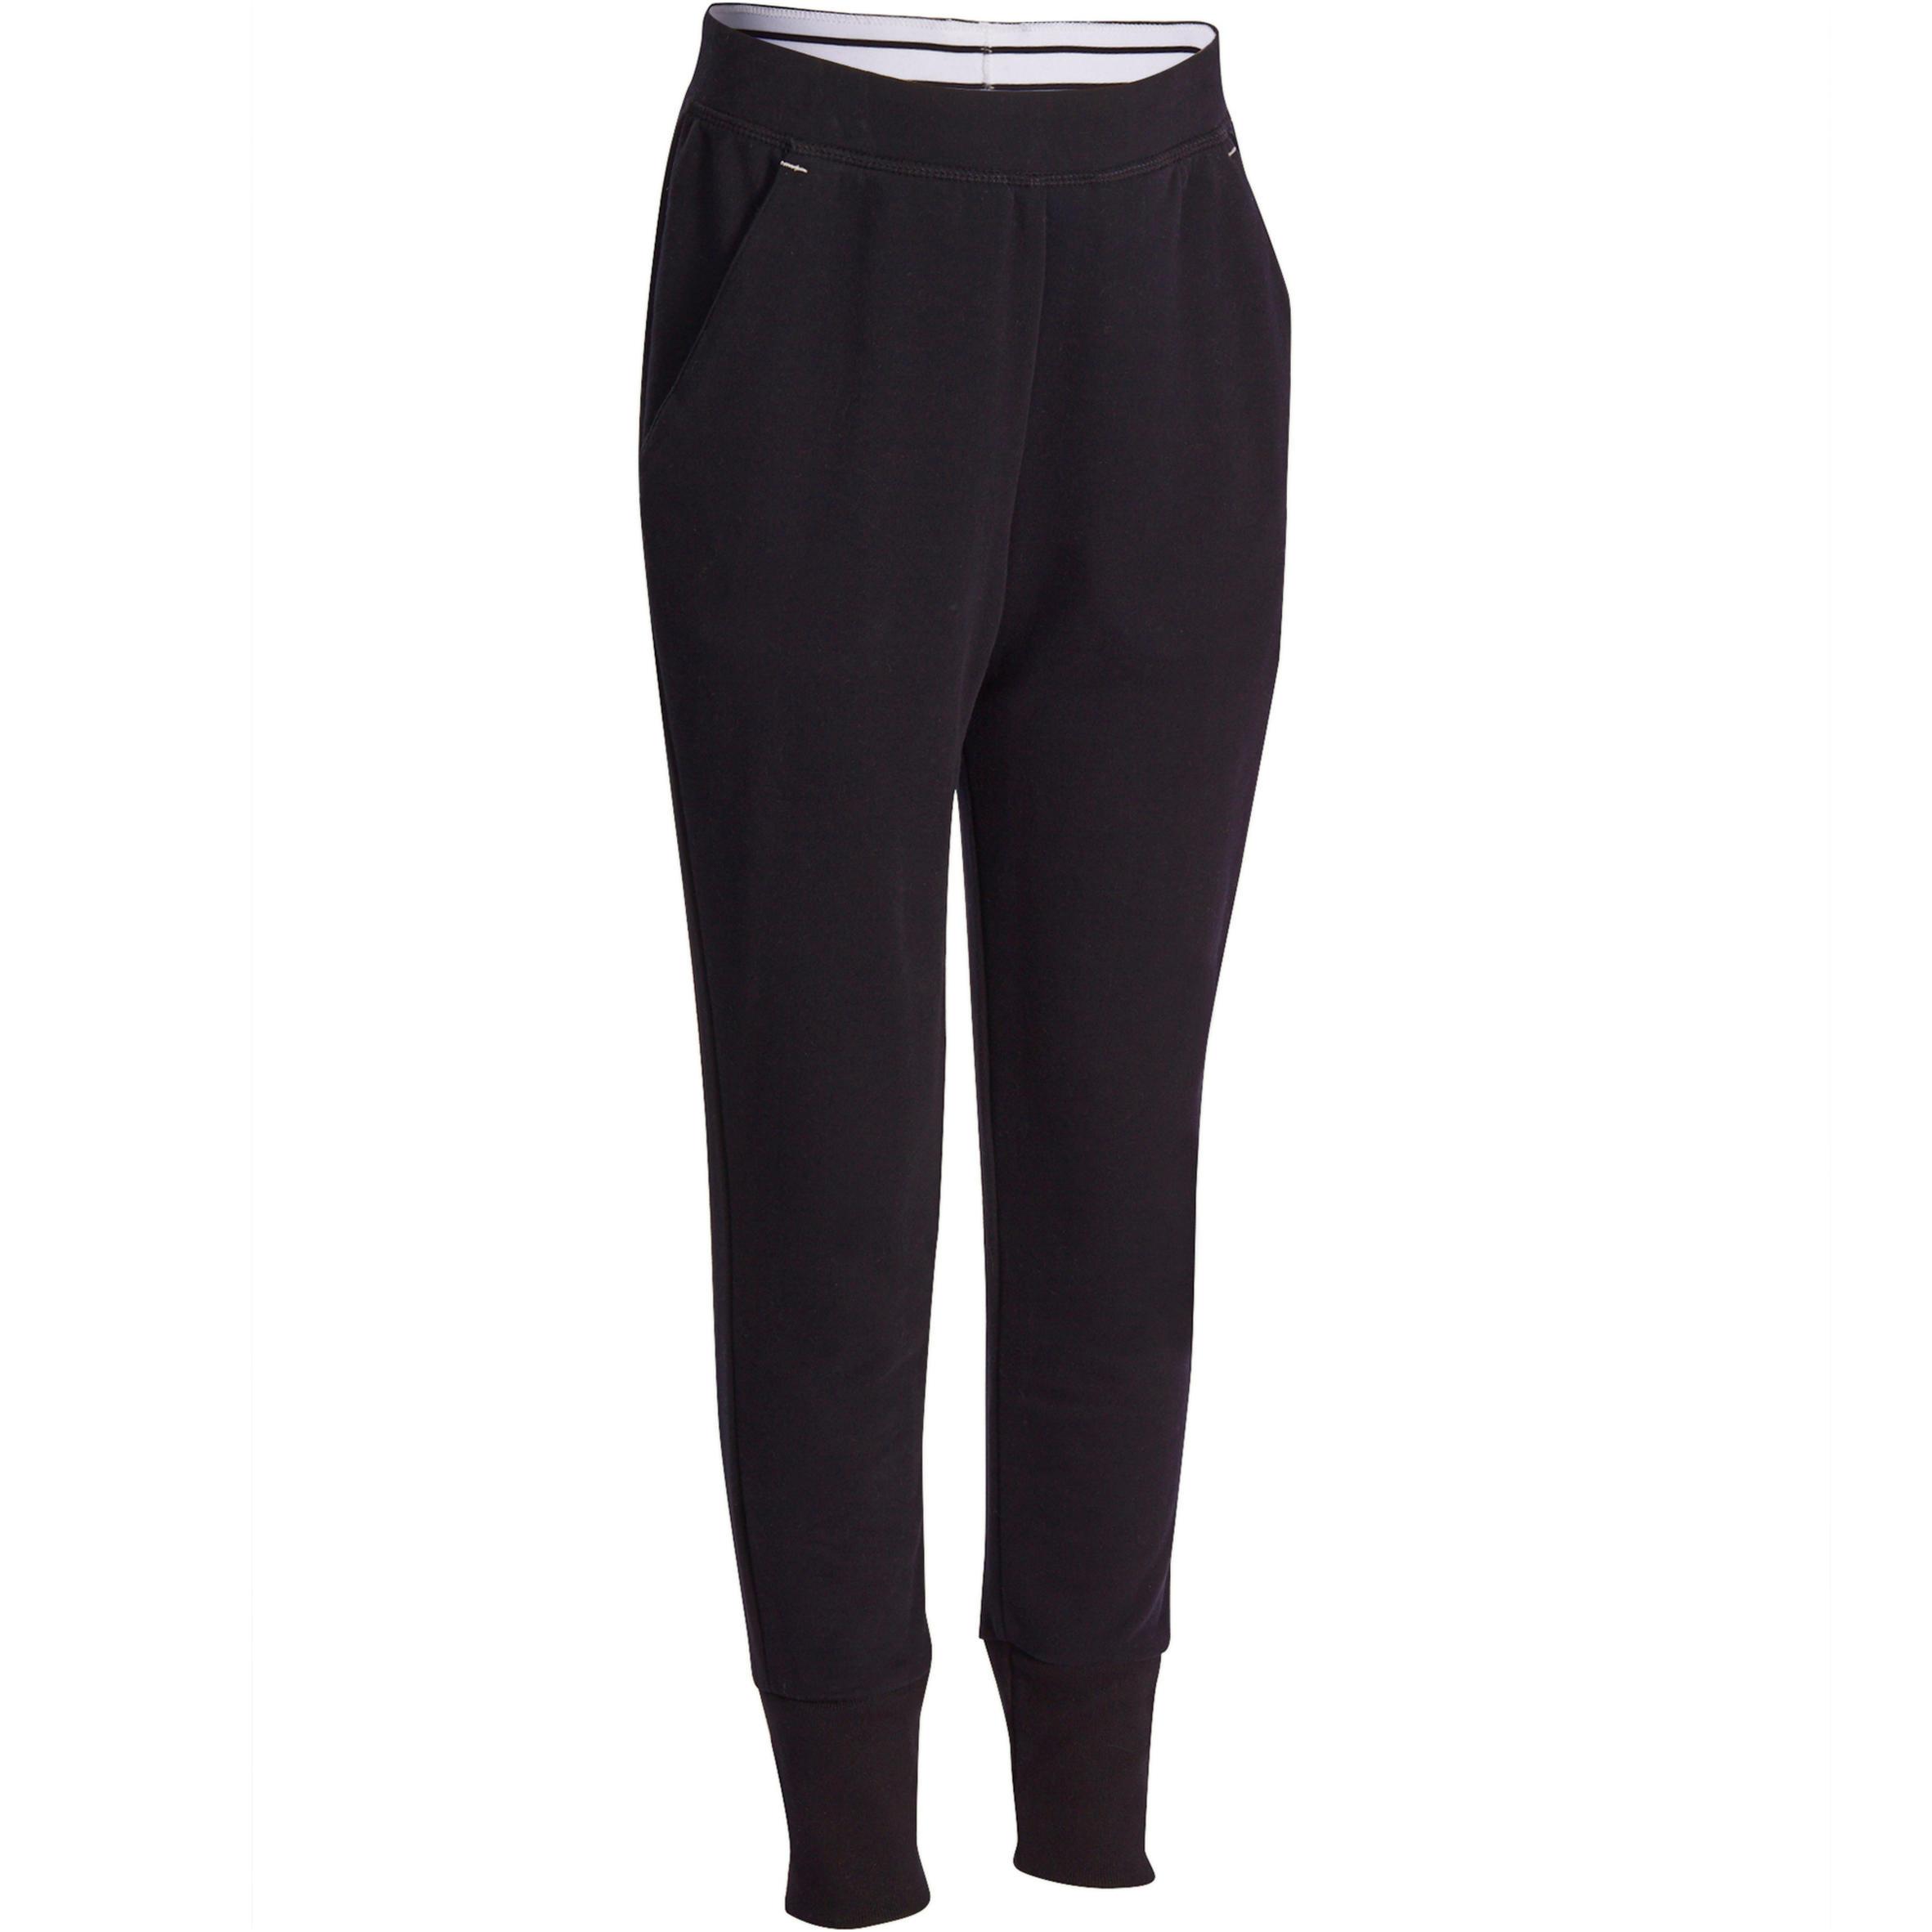 Pantalón fitness niña SLIM negro